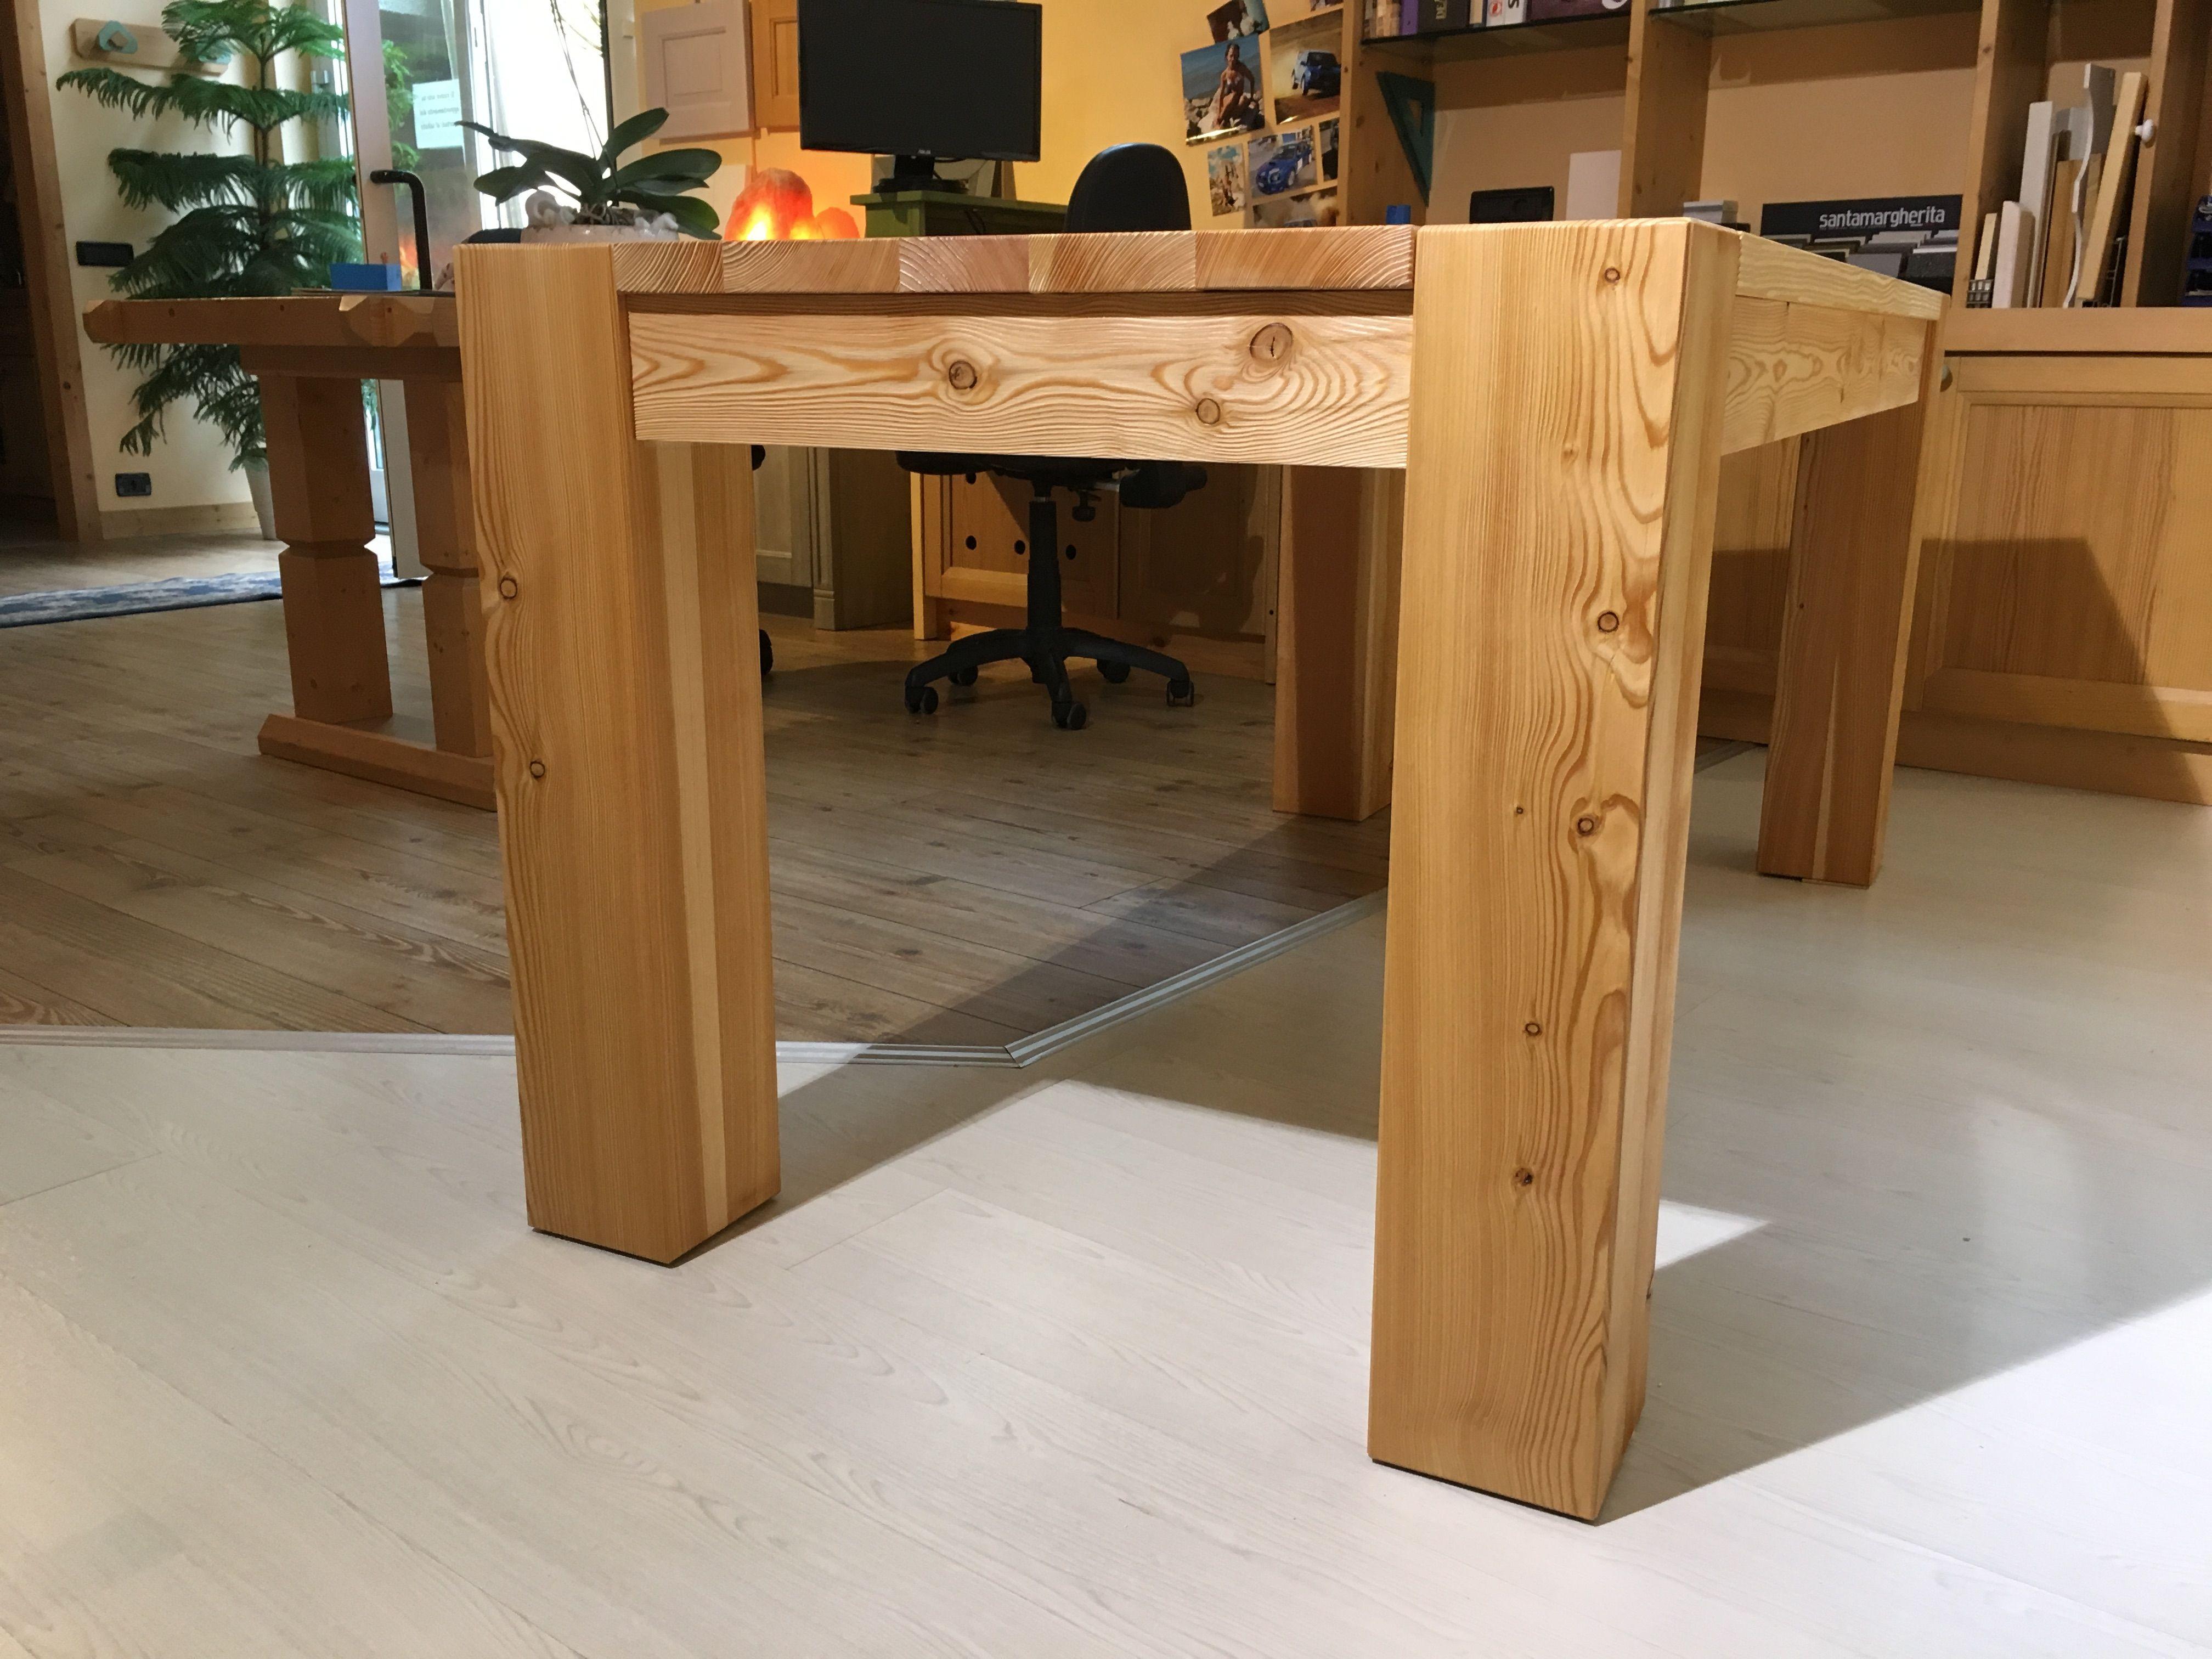 Tavolo In ~ Tavolo in larice mobili artigianali falegnameria trentini